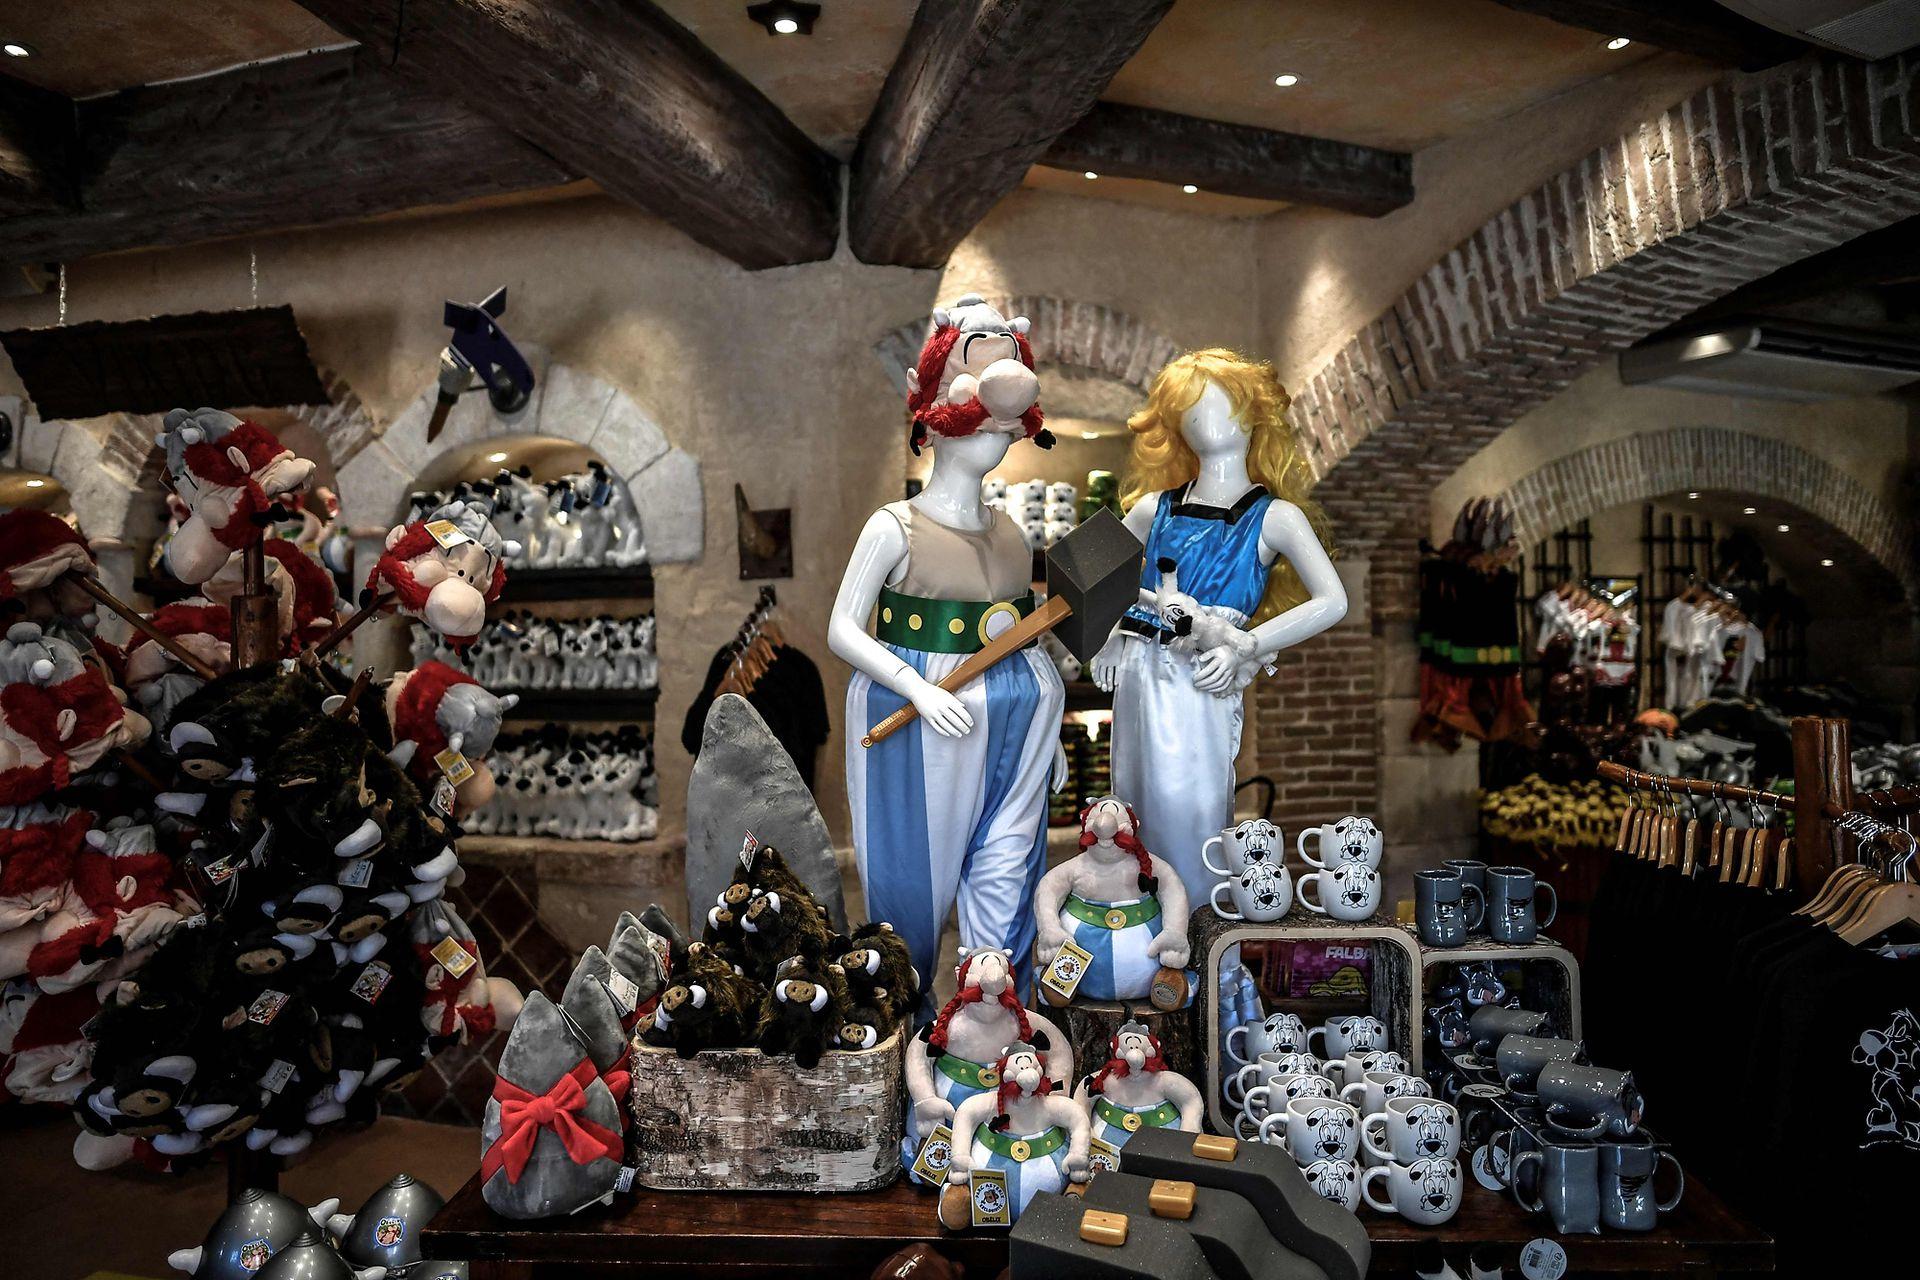 Las tiendas de regalos preparan sus vidrieras para la reapertura llena de espectativas